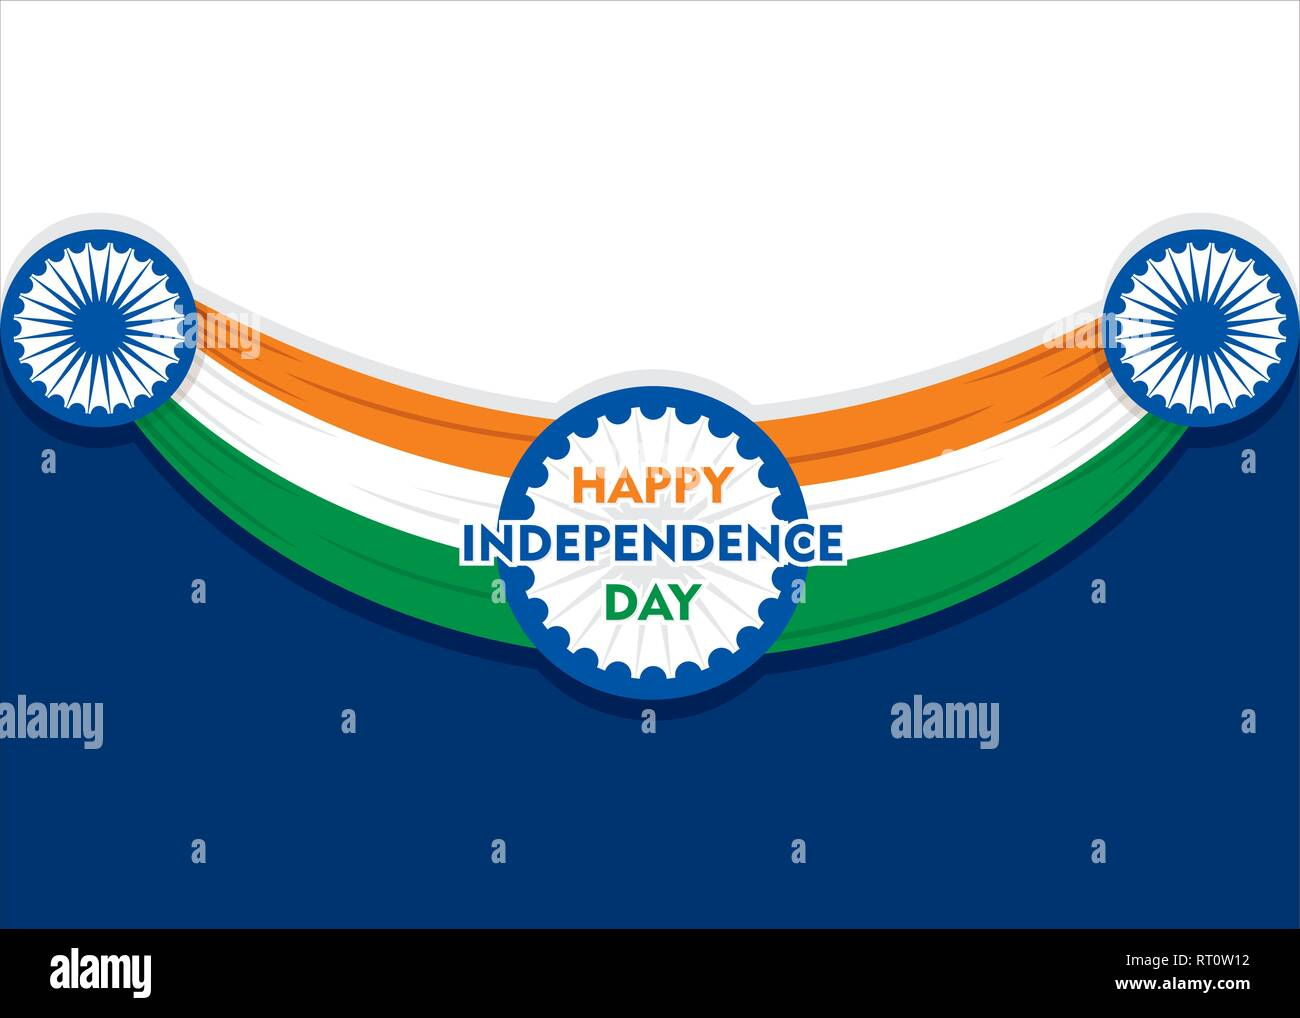 Feliz día de la independencia de la India la ilustración vectorial, diseño de póster Imagen De Stock